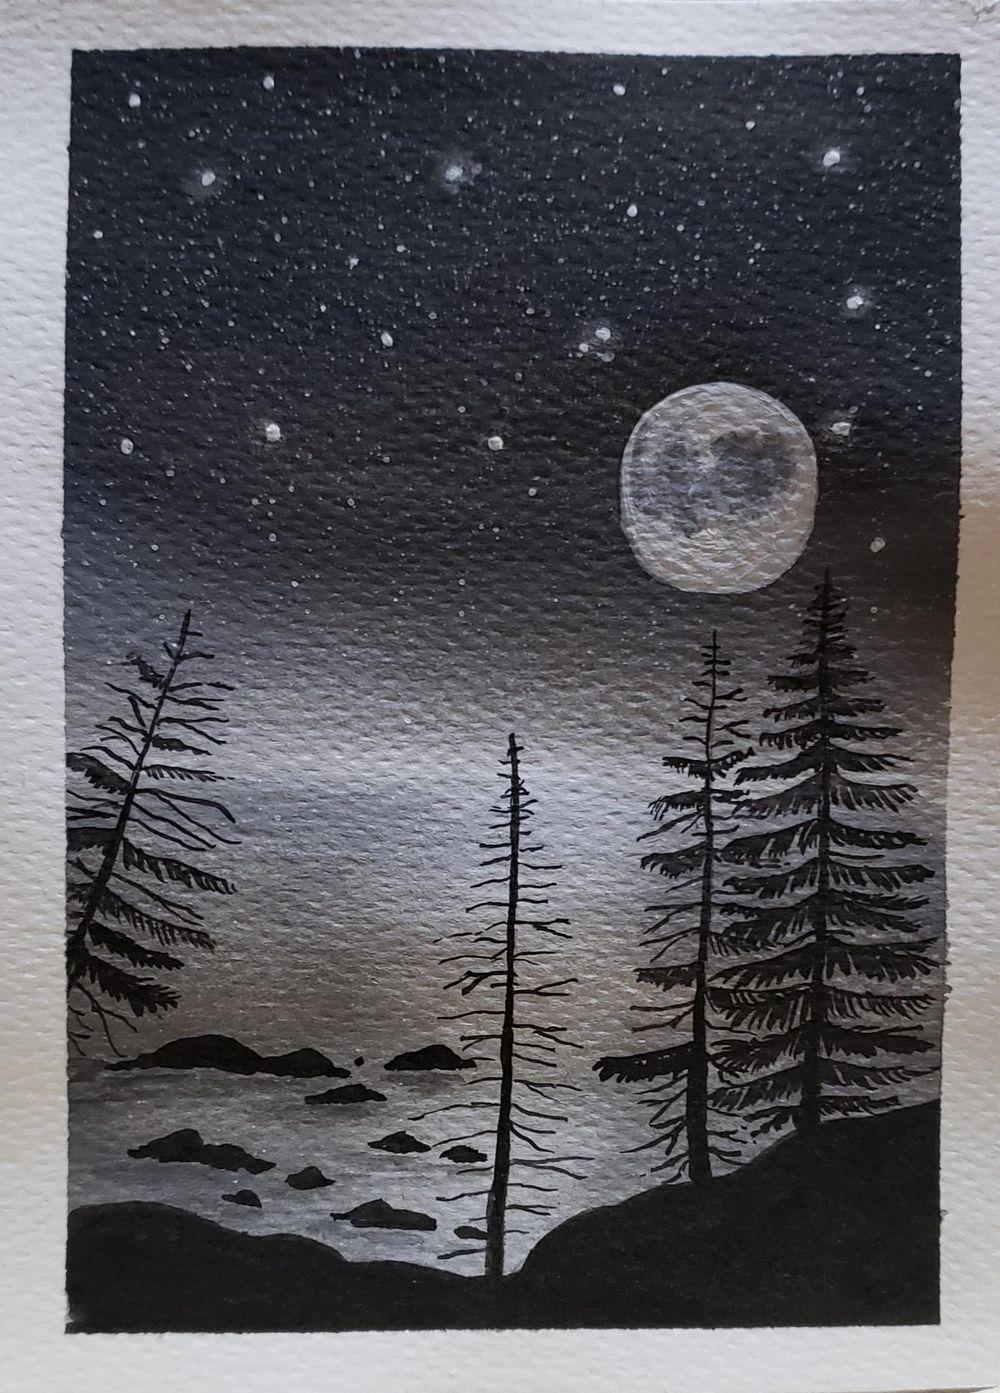 Campamento bajo las estrellas y Noche de luna llena - image 4 - student project